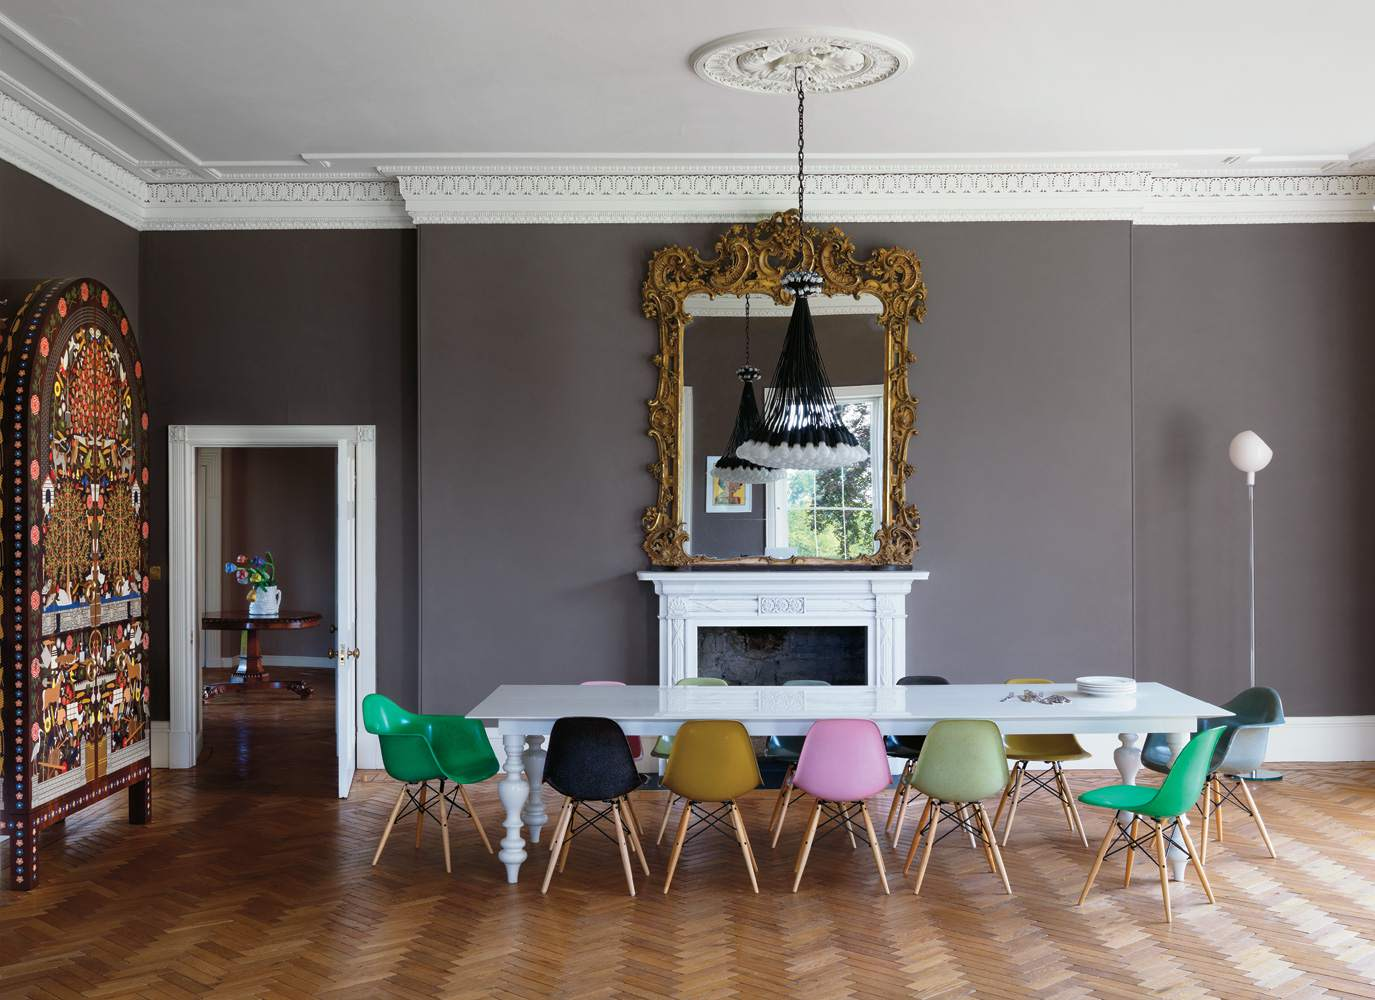 paredes de color marrón oscuro y sillas de colores